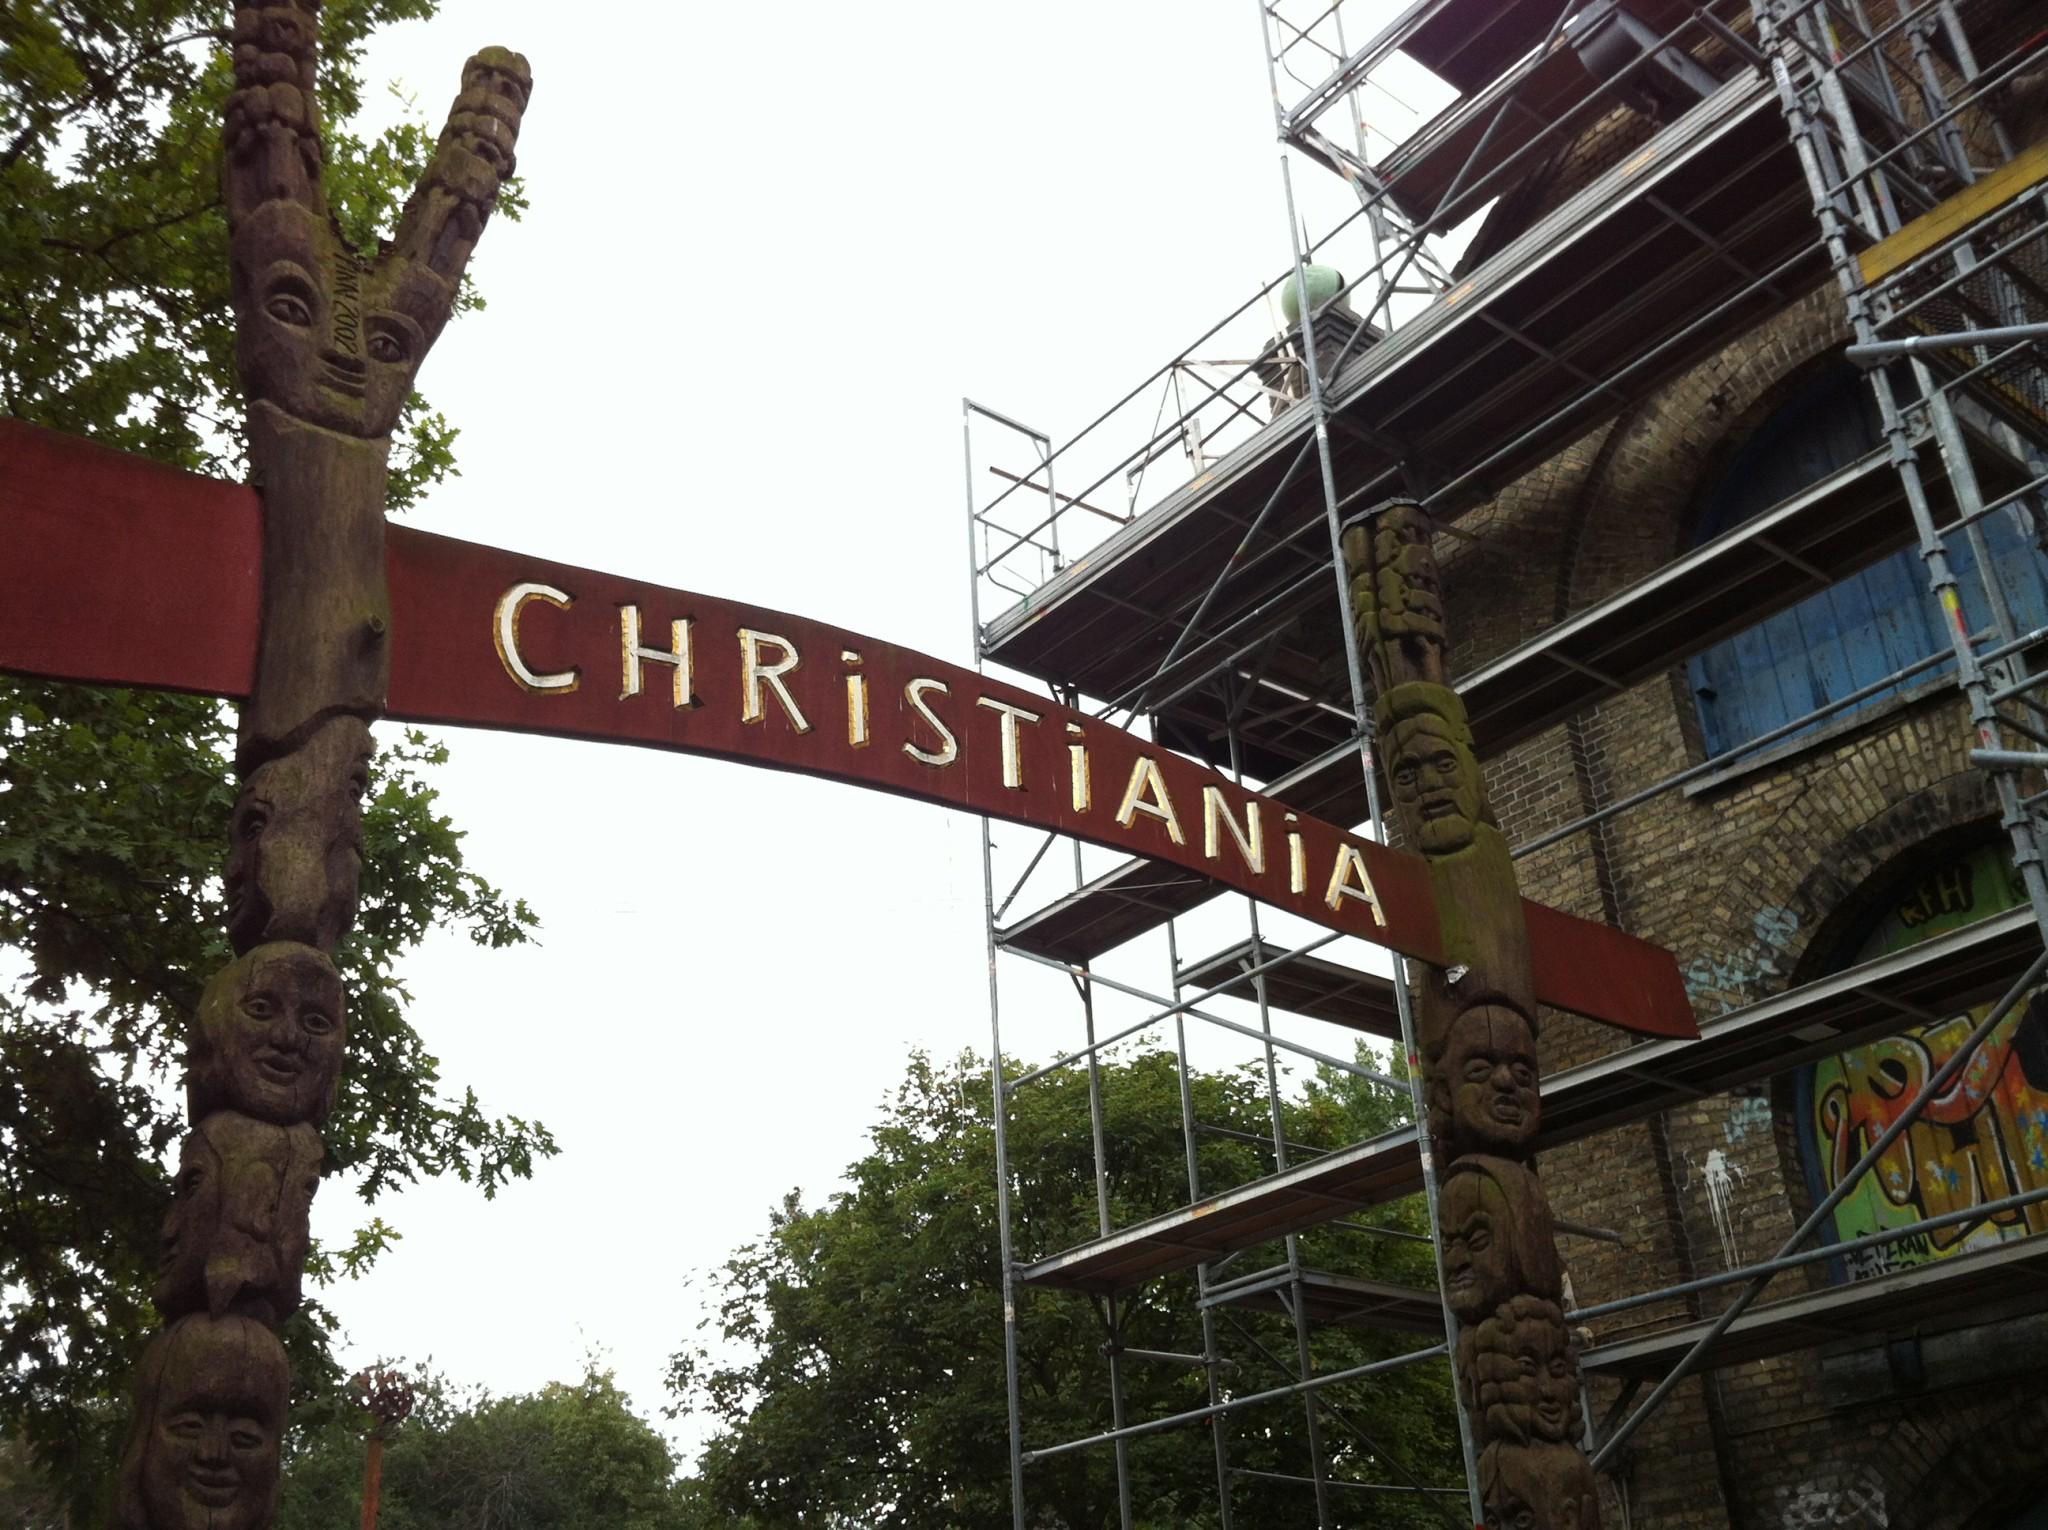 El estado libre de Christiania